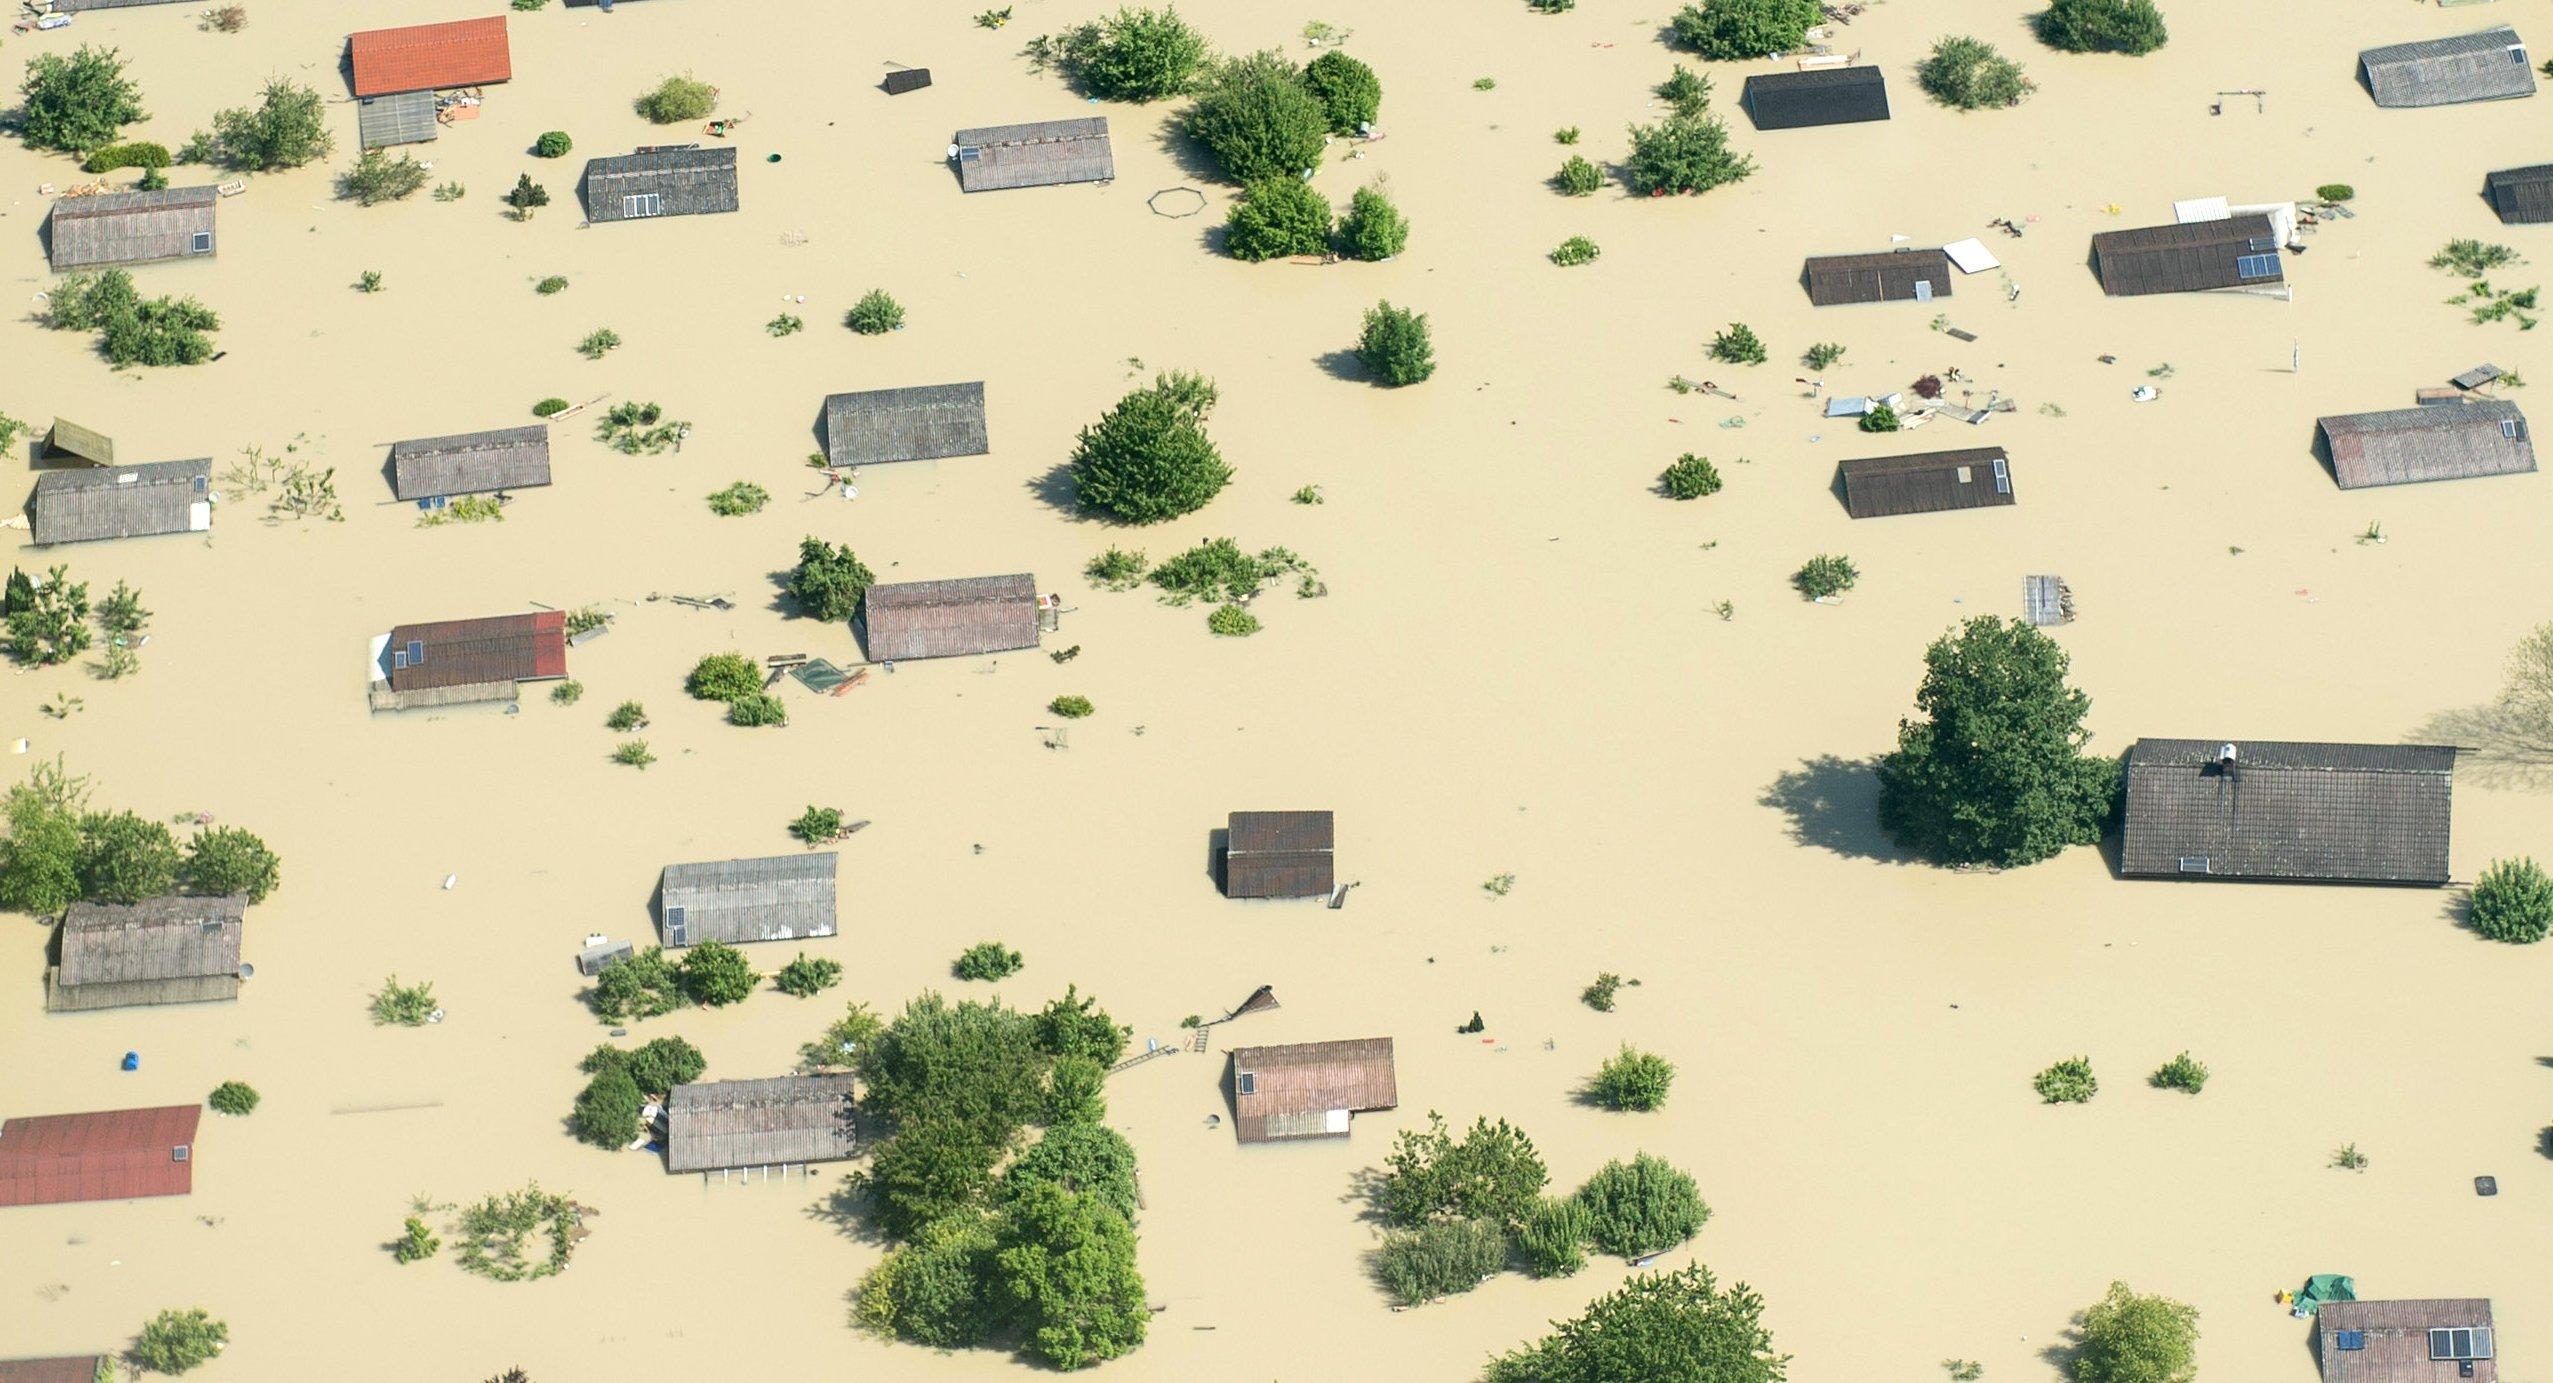 Auch in Deutschland nehmen Extremwetterereignisse zu: Im Sommer 2013 überflutete die Donau nach einem Dammbruch die Region um Deggendorf in Bayern.